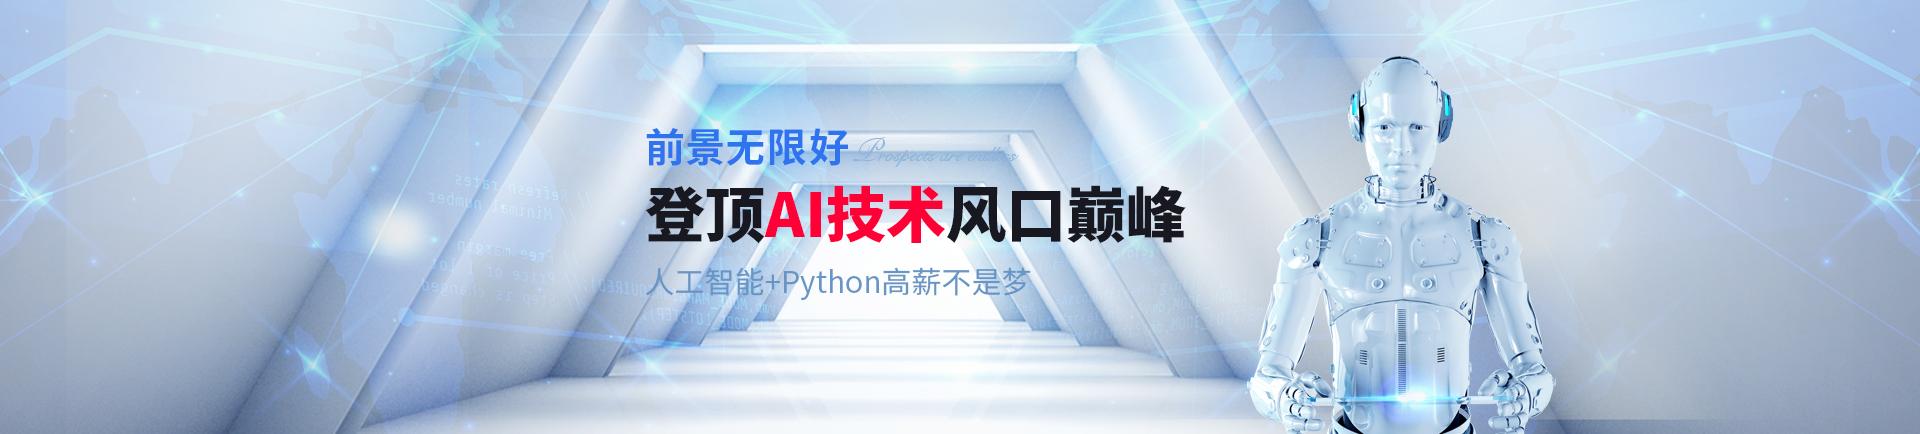 登顶AI技术风�巅峰 人工智能+Python年薪100万�是梦-jiangsu